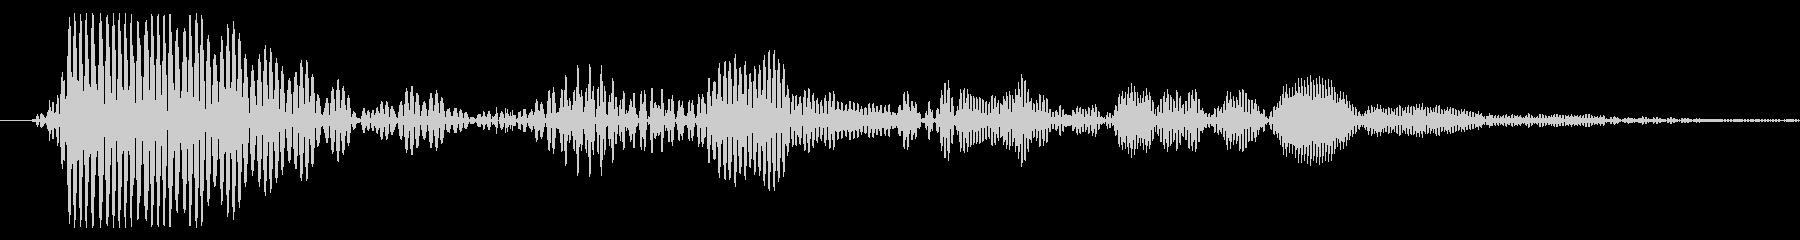 水滴音を加工して制作したカーソル音_02の未再生の波形